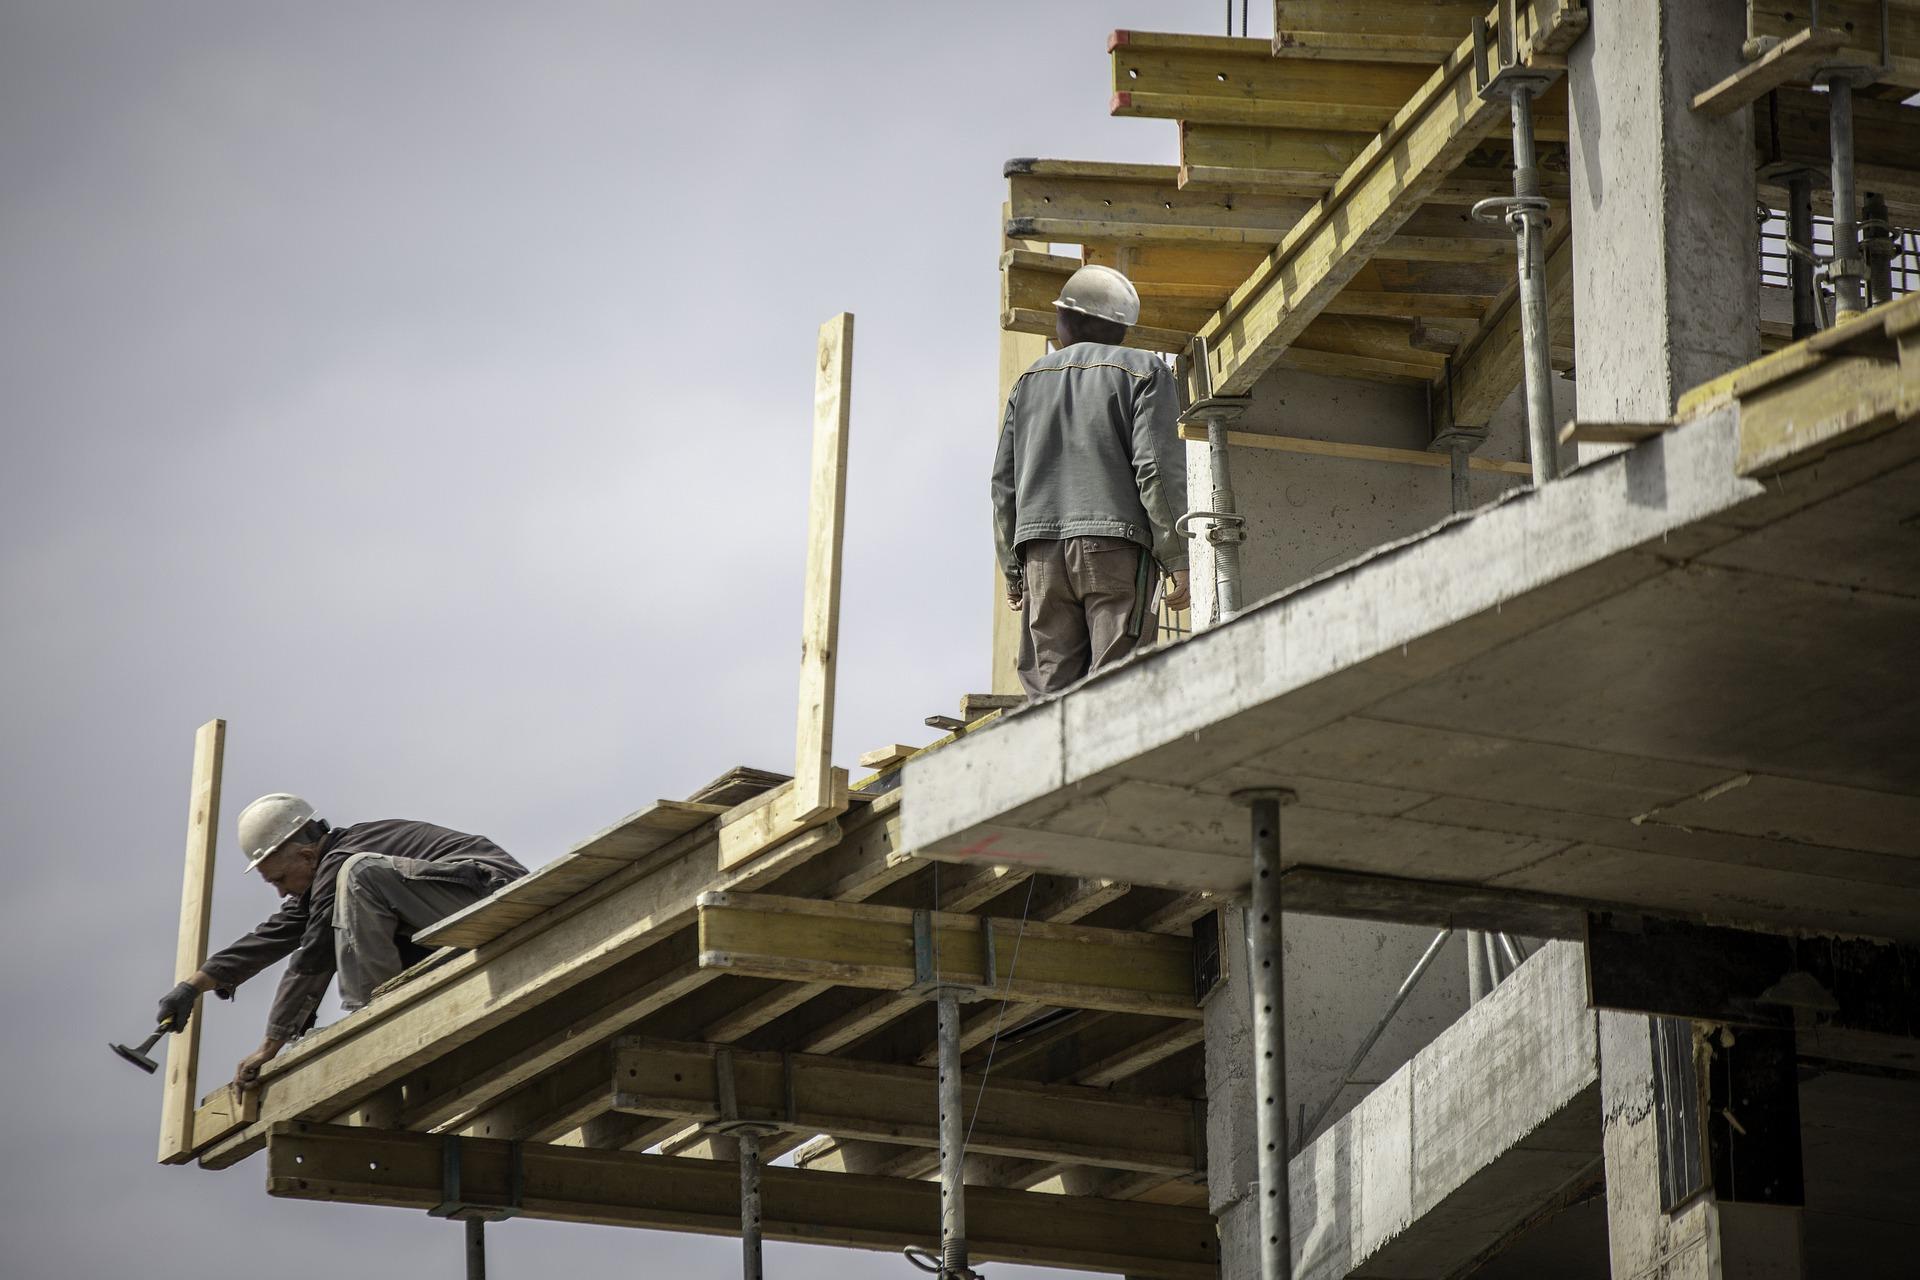 Custos de construção de casas nova a subir – aumentaram 6,5% em junho